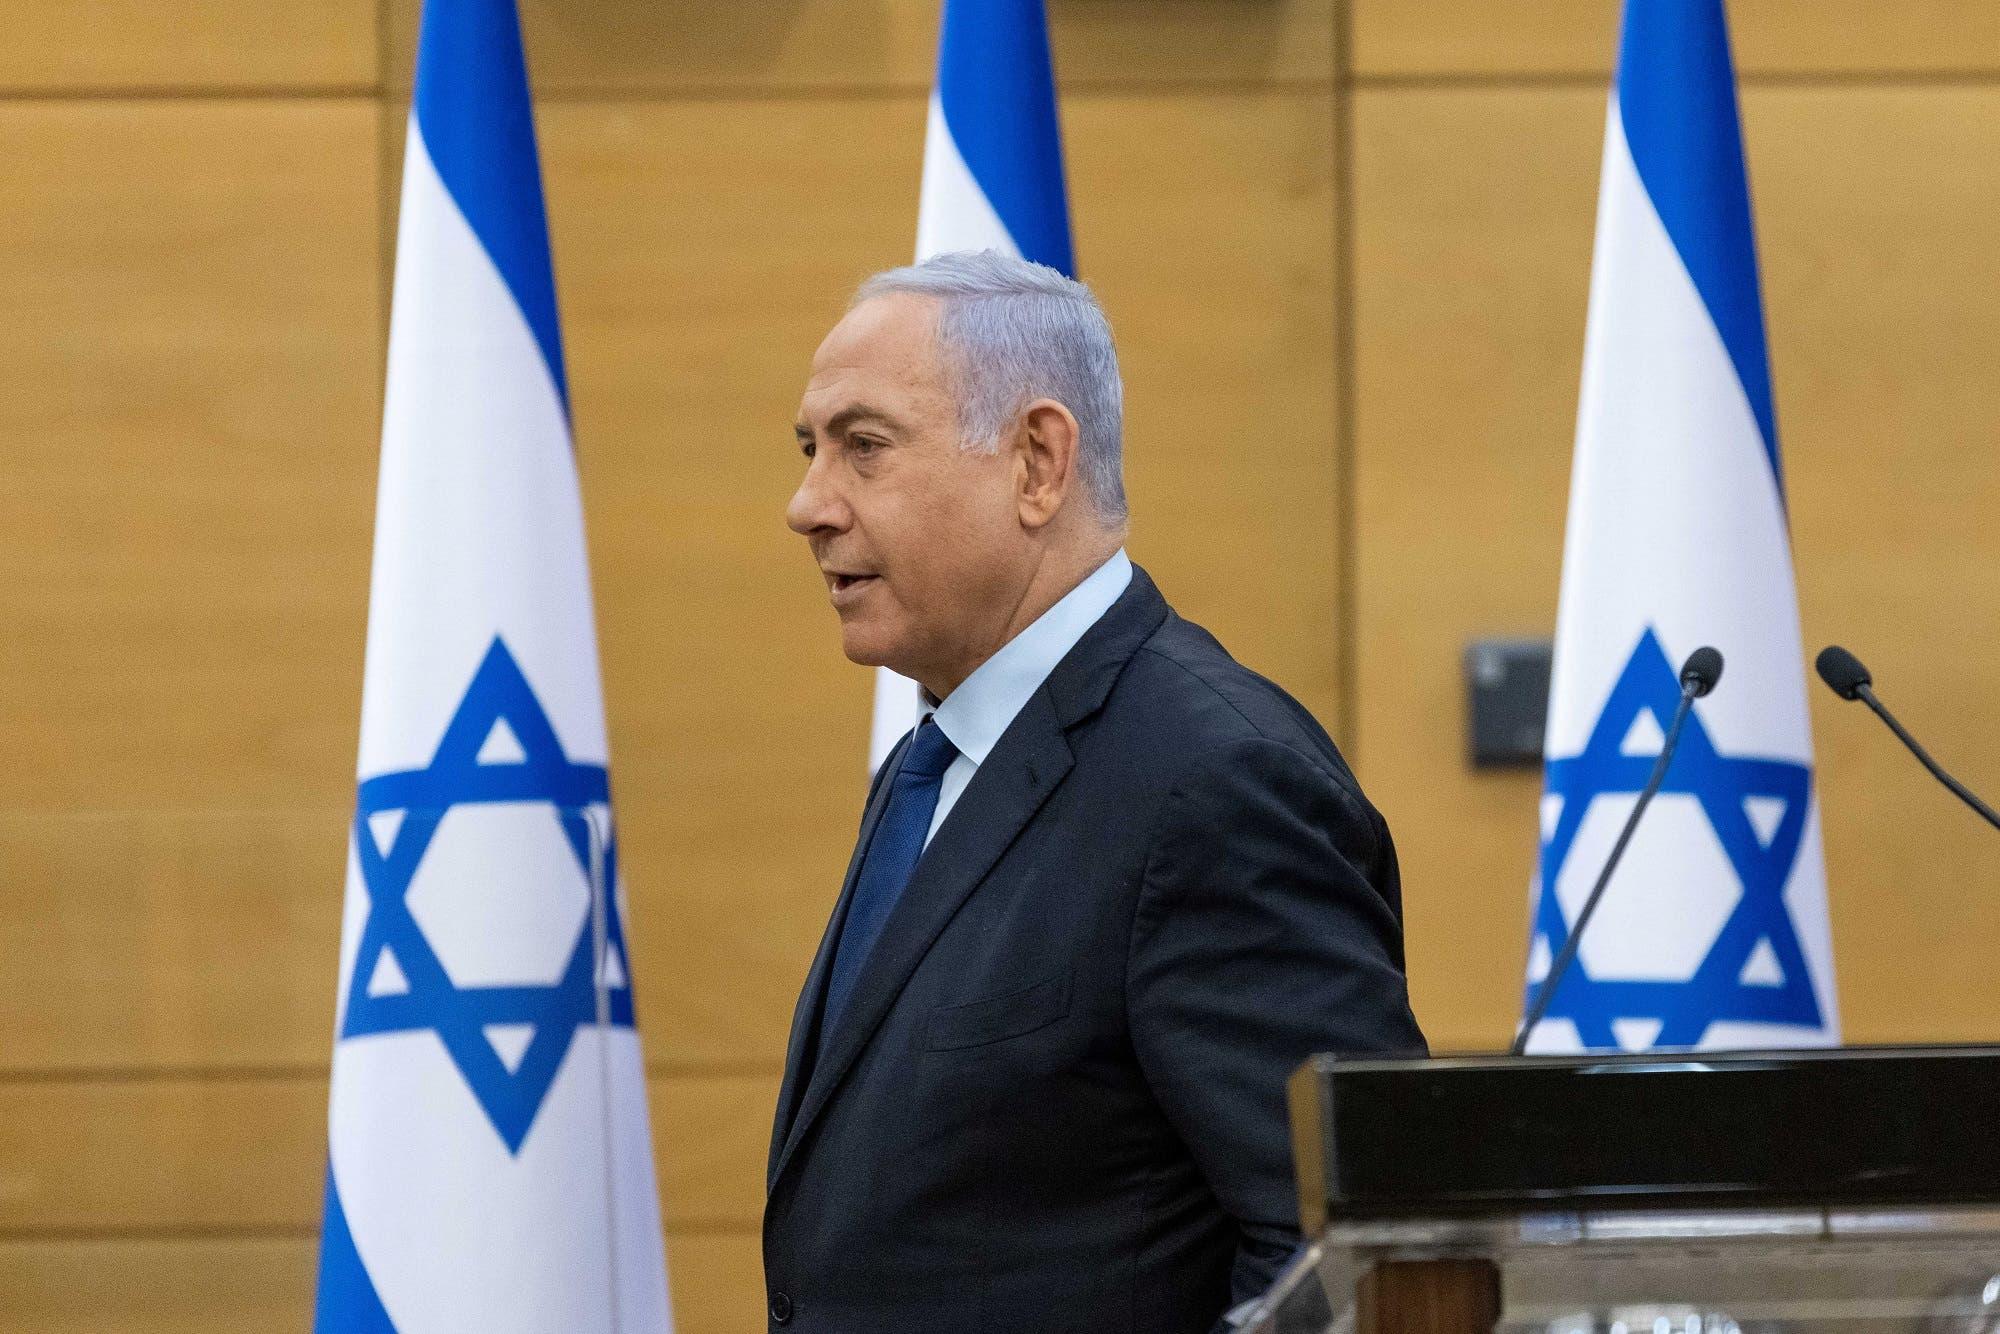 Israeli Prime Minister Benjamin Netanyahu at the Knesset in Jerusalem May 30, 2021 (Reuters)